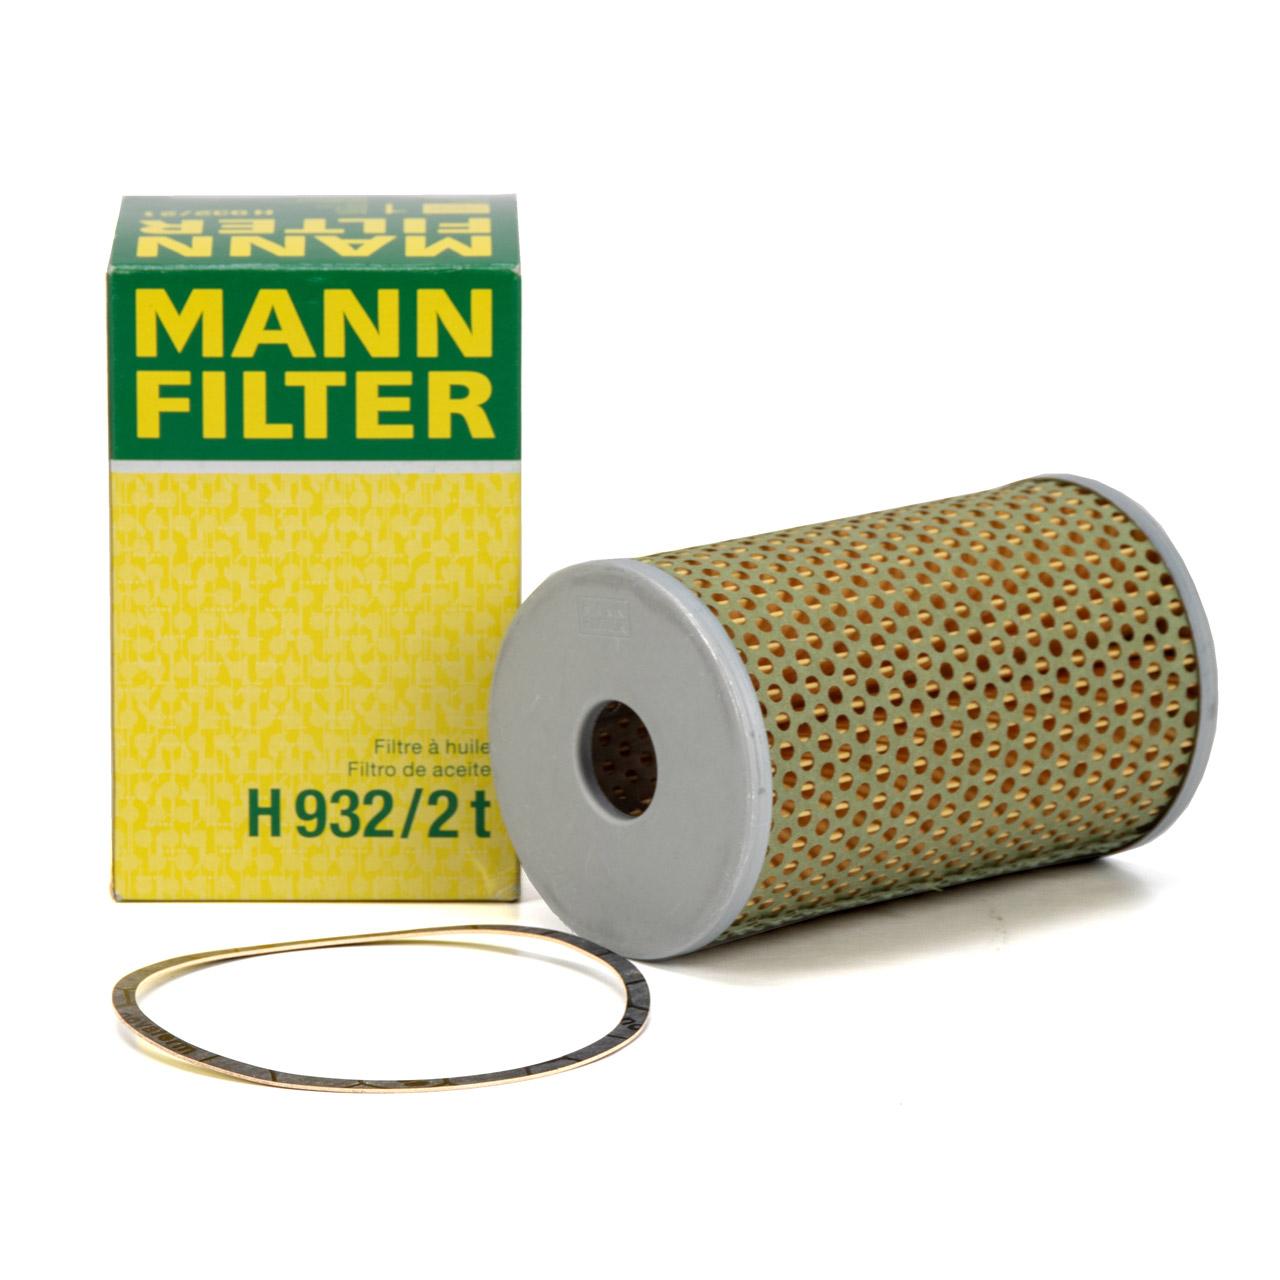 MANN H9322T Ölfilter für Fendt Farmer 2 3 4 / Favorit 3 4 / H932/2t EICHER